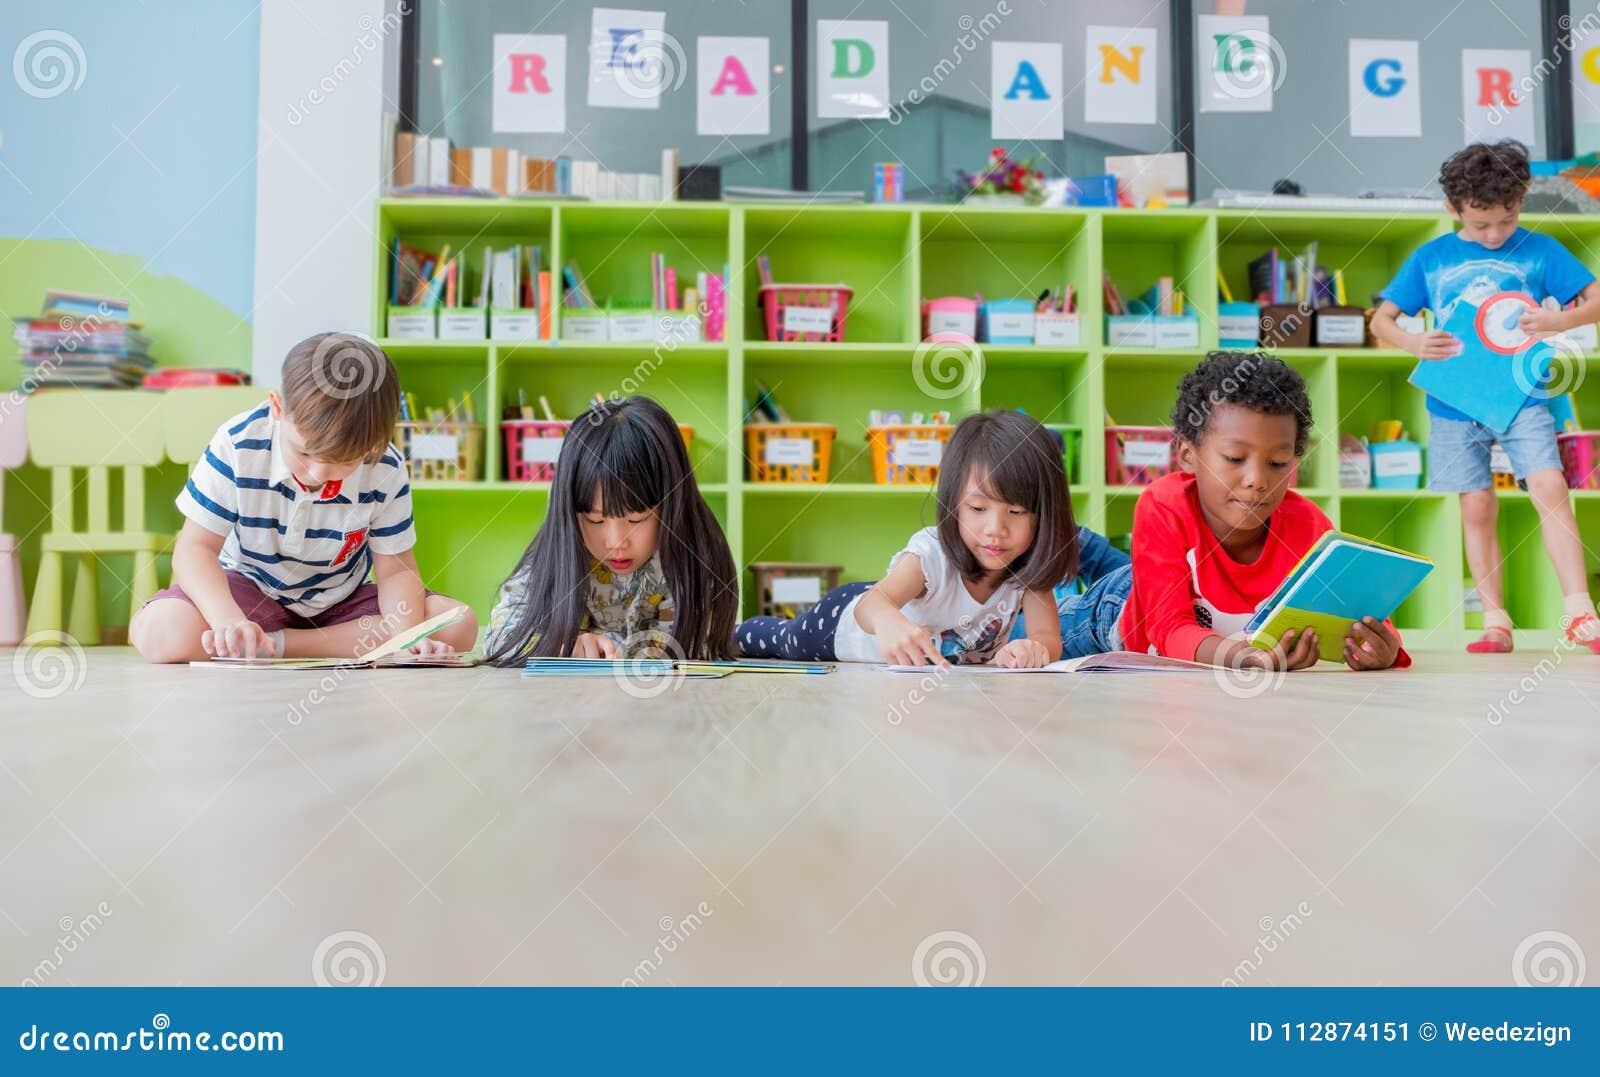 Η ομάδα παιδιού ποικιλομορφίας καθορίζει στο πάτωμα και το βιβλίο ι ιστορίας ανάγνωσης